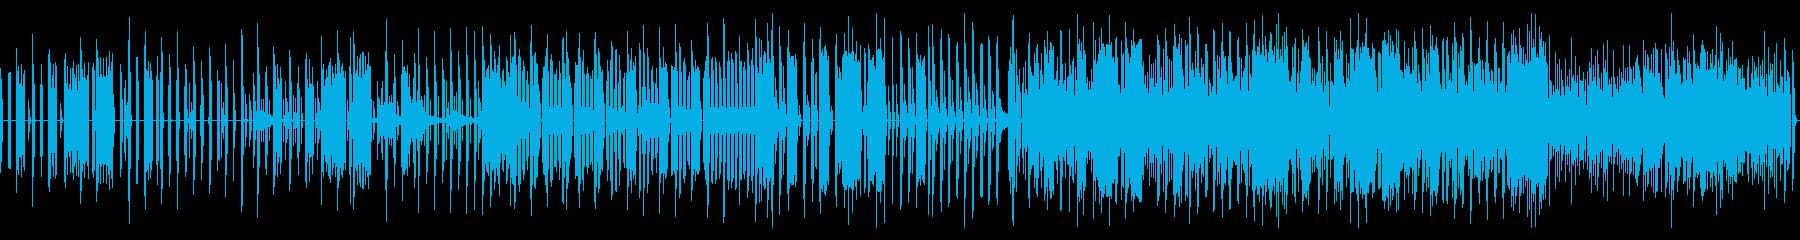 わくわくピコピコクリスマス-ジングルベルの再生済みの波形